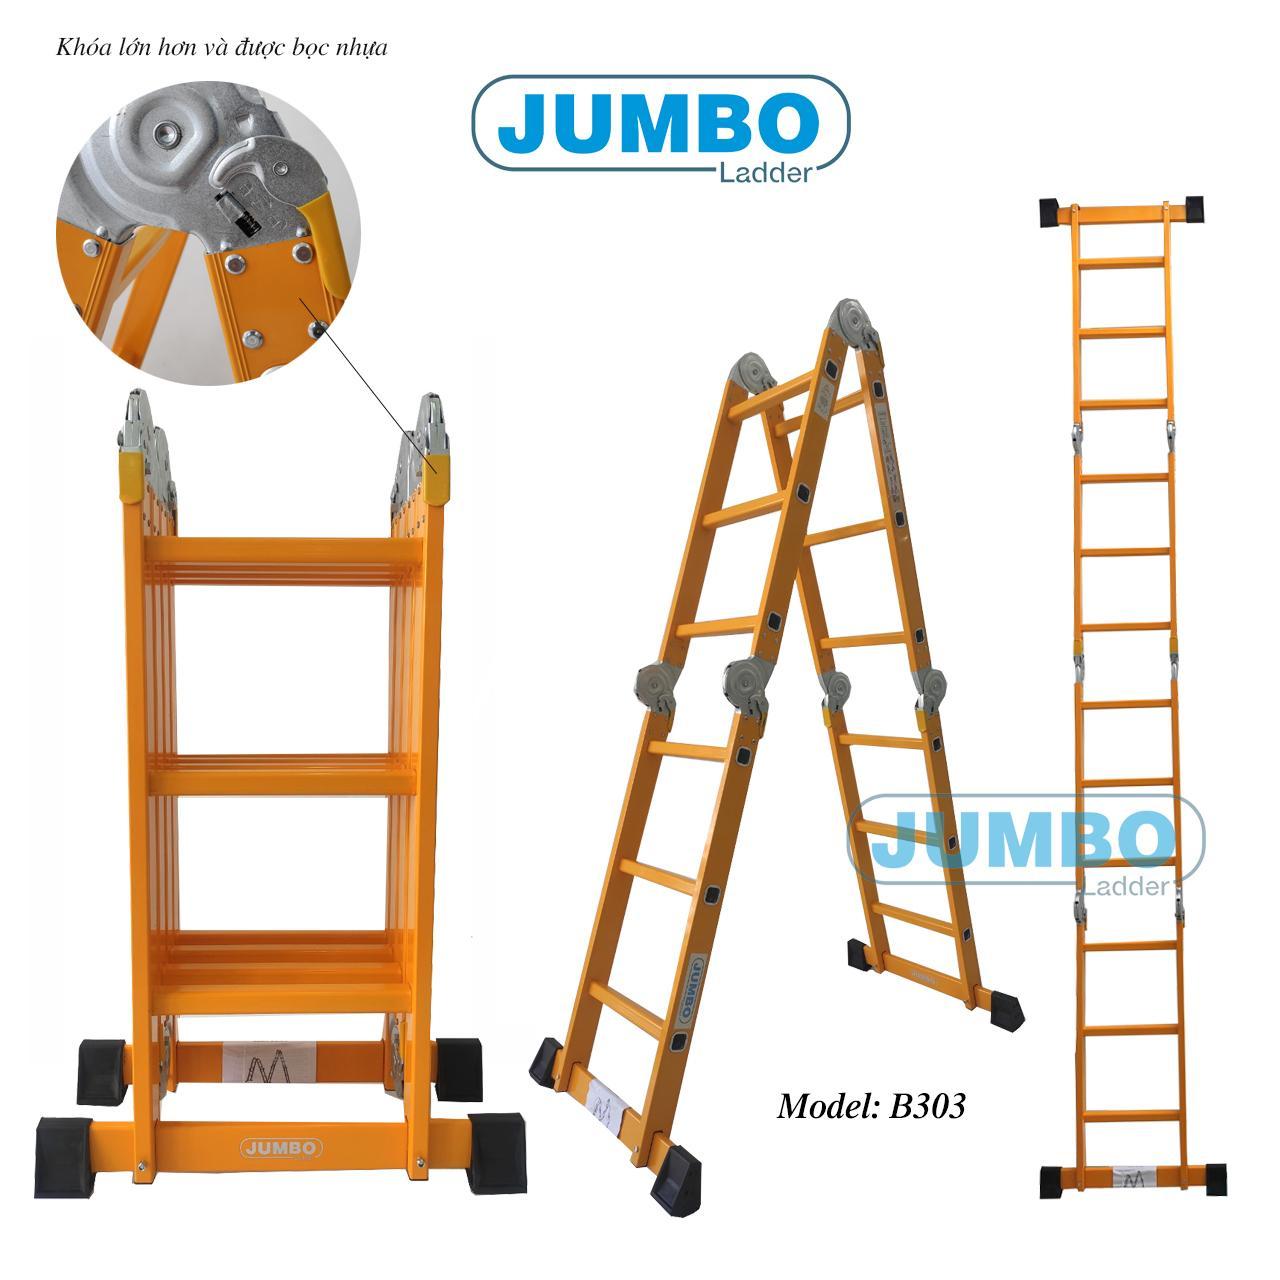 Thang nhôm gấp 4 đoạn đa năng JUMBO B303 3,58m